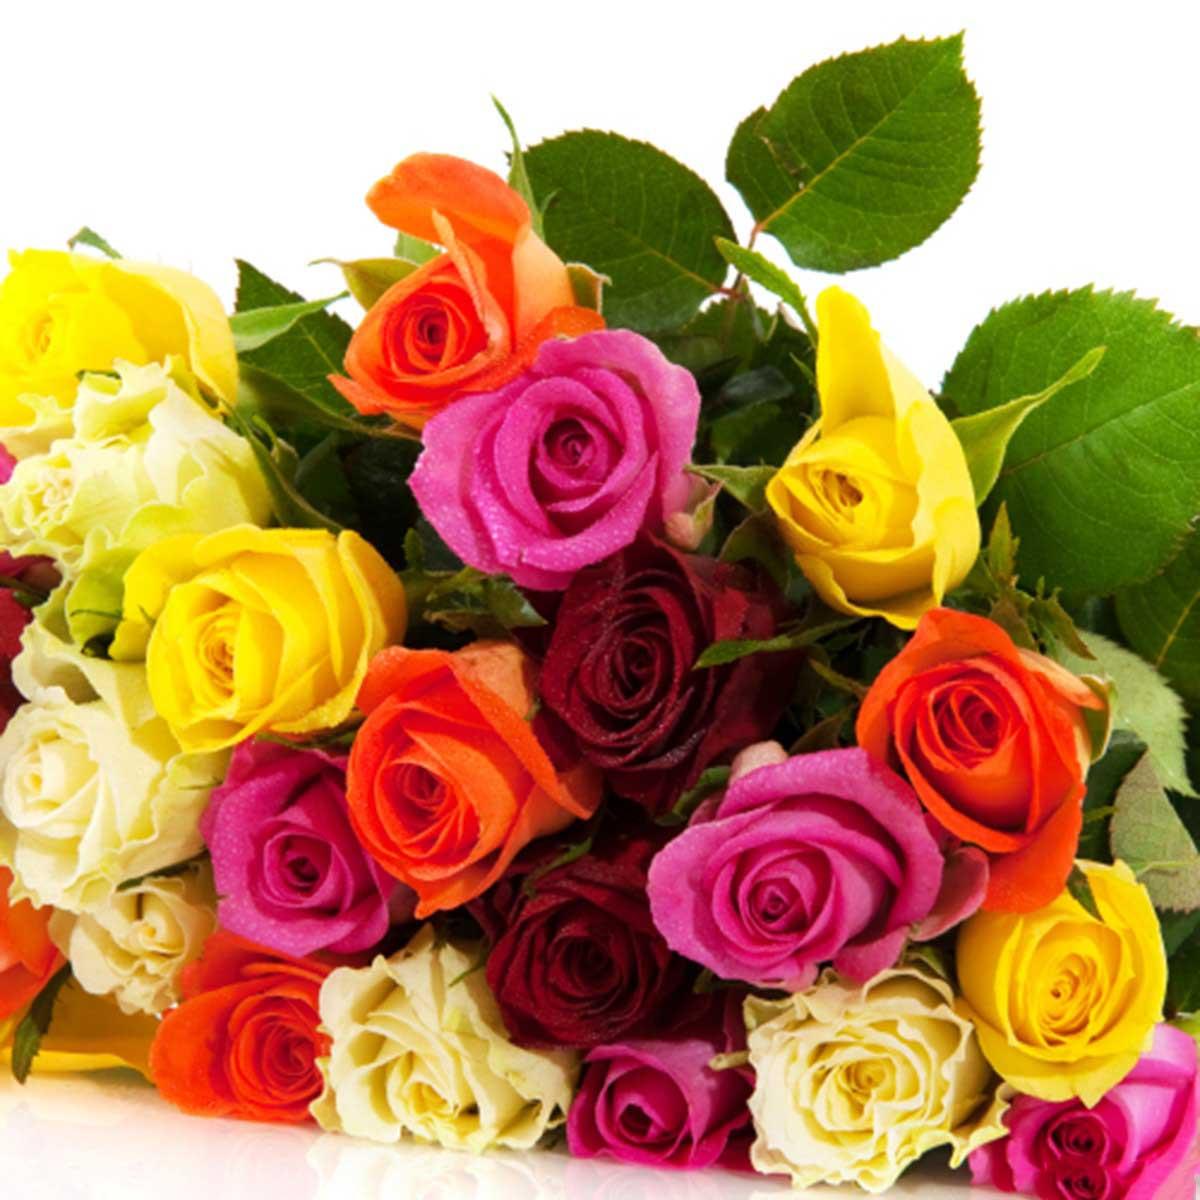 Hình ảnh bó hoa hồng nhiều màu đẹp